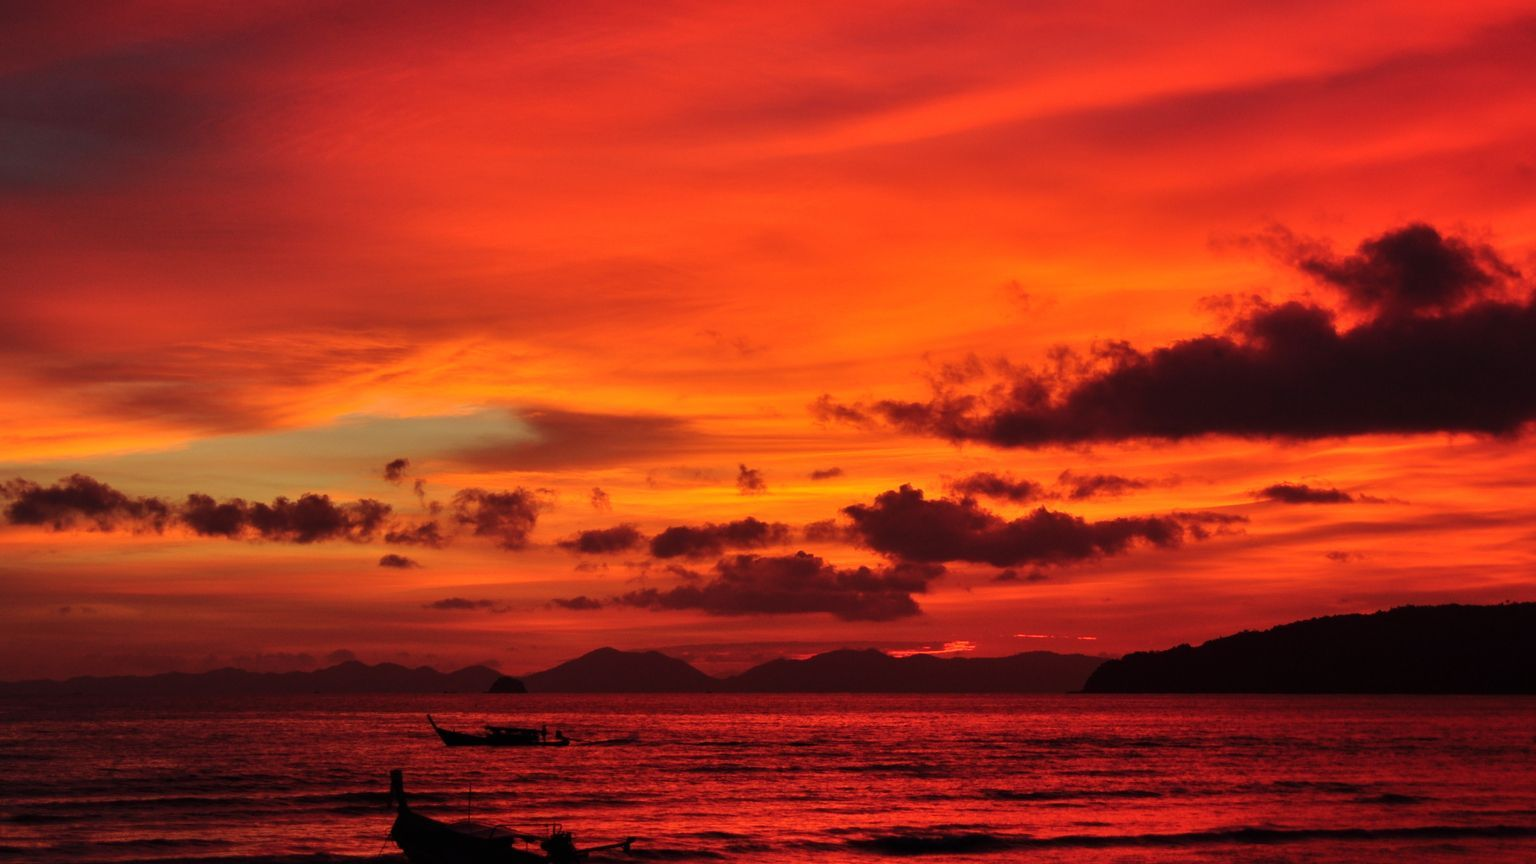 Fond d 39 cran de coucher de soleil - L heure du coucher du soleil aujourd hui ...